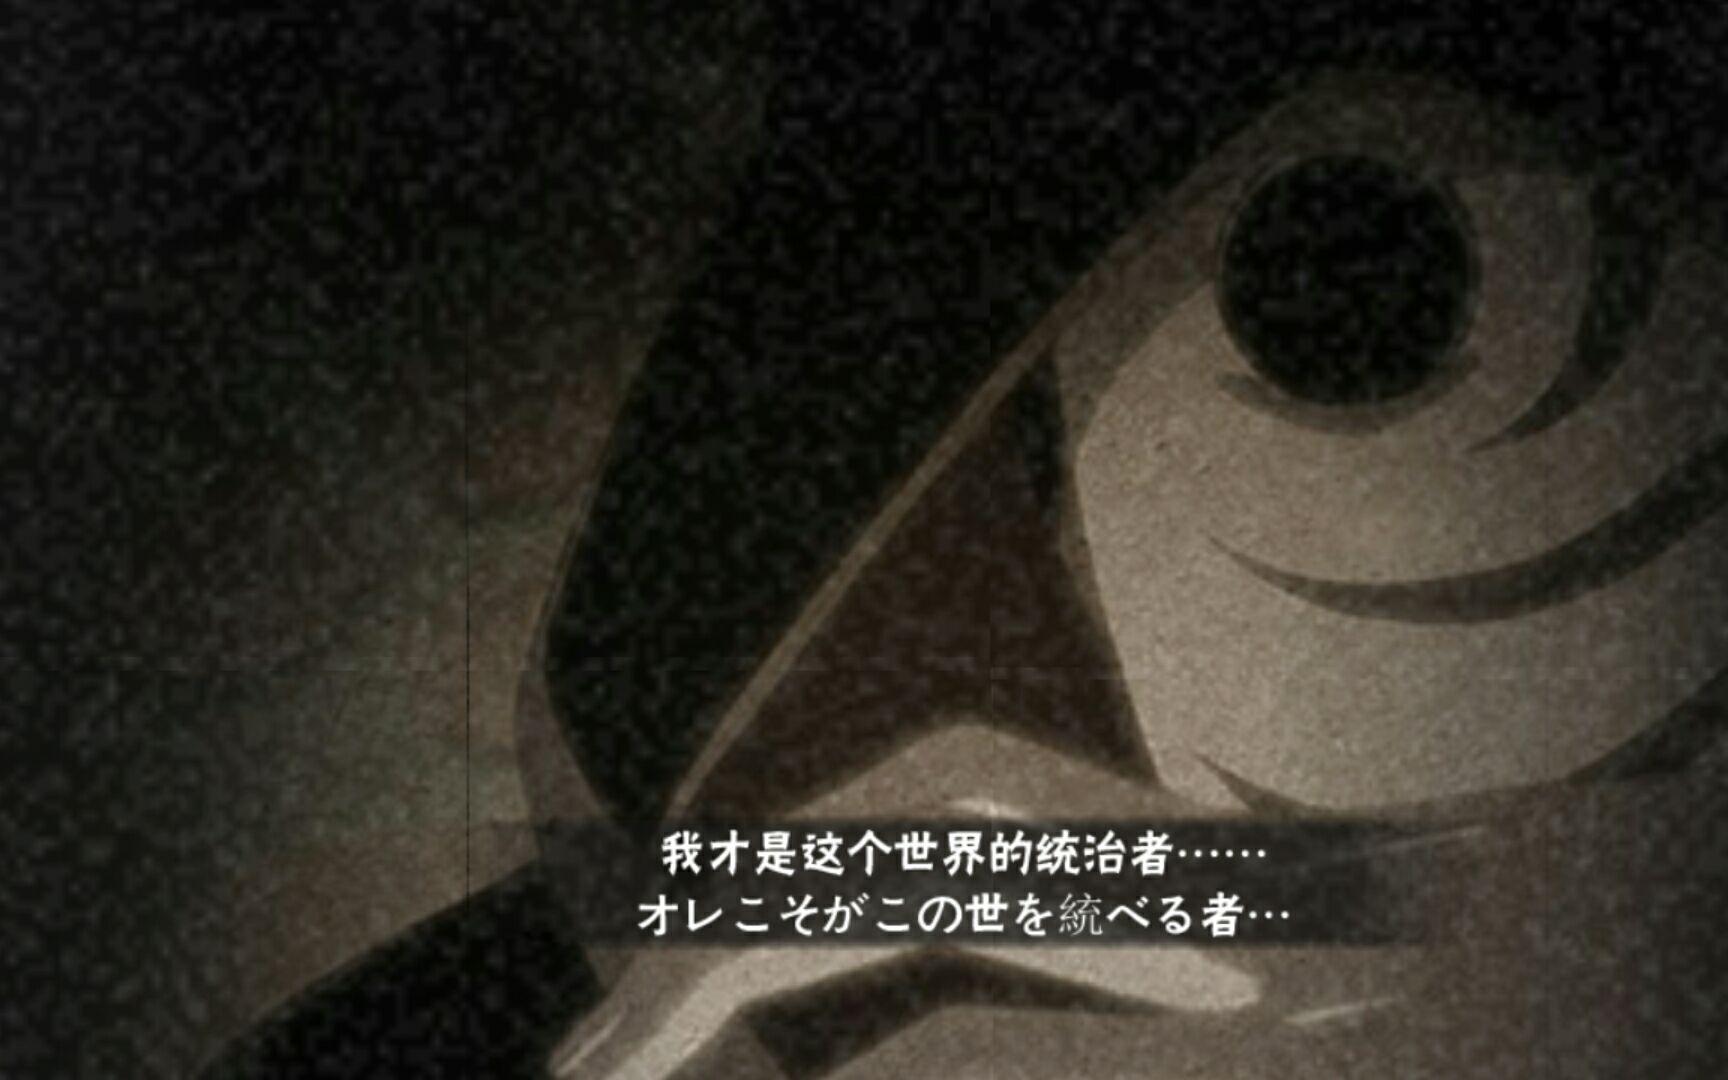 【火影忍者手游】当up主得到一天神秘面具男.